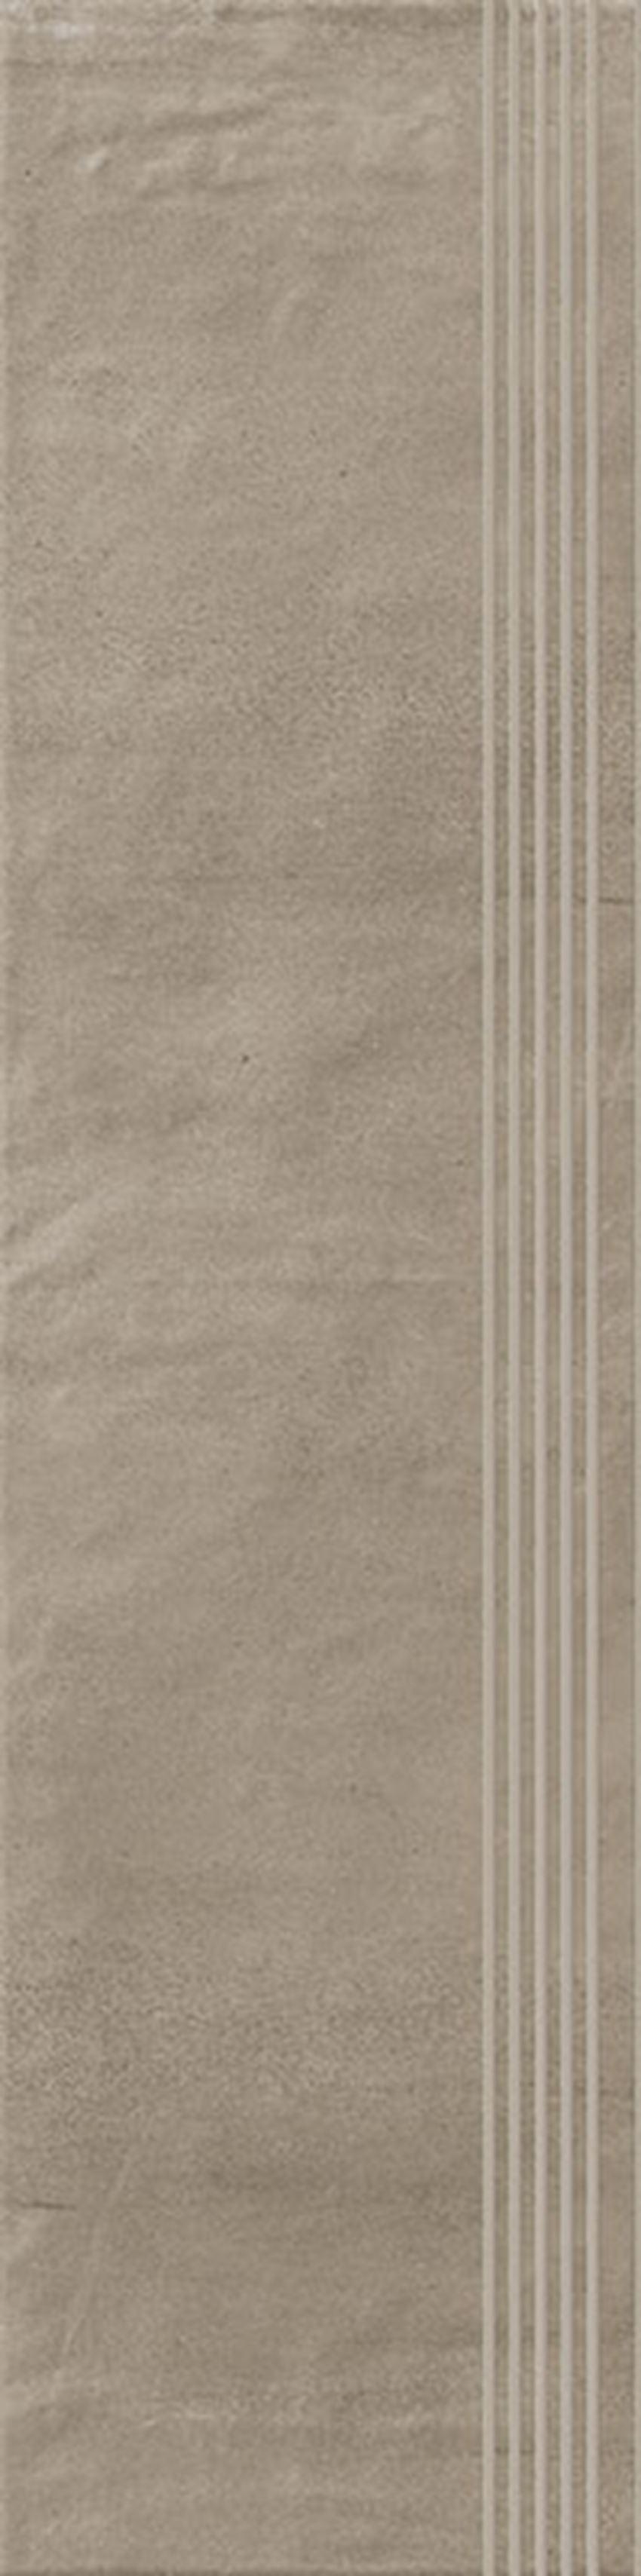 Płytka stopnicowa 29,8x119,8 cm Paradyż Hybrid Stone Mocca Stopnica Prosta Nacinana